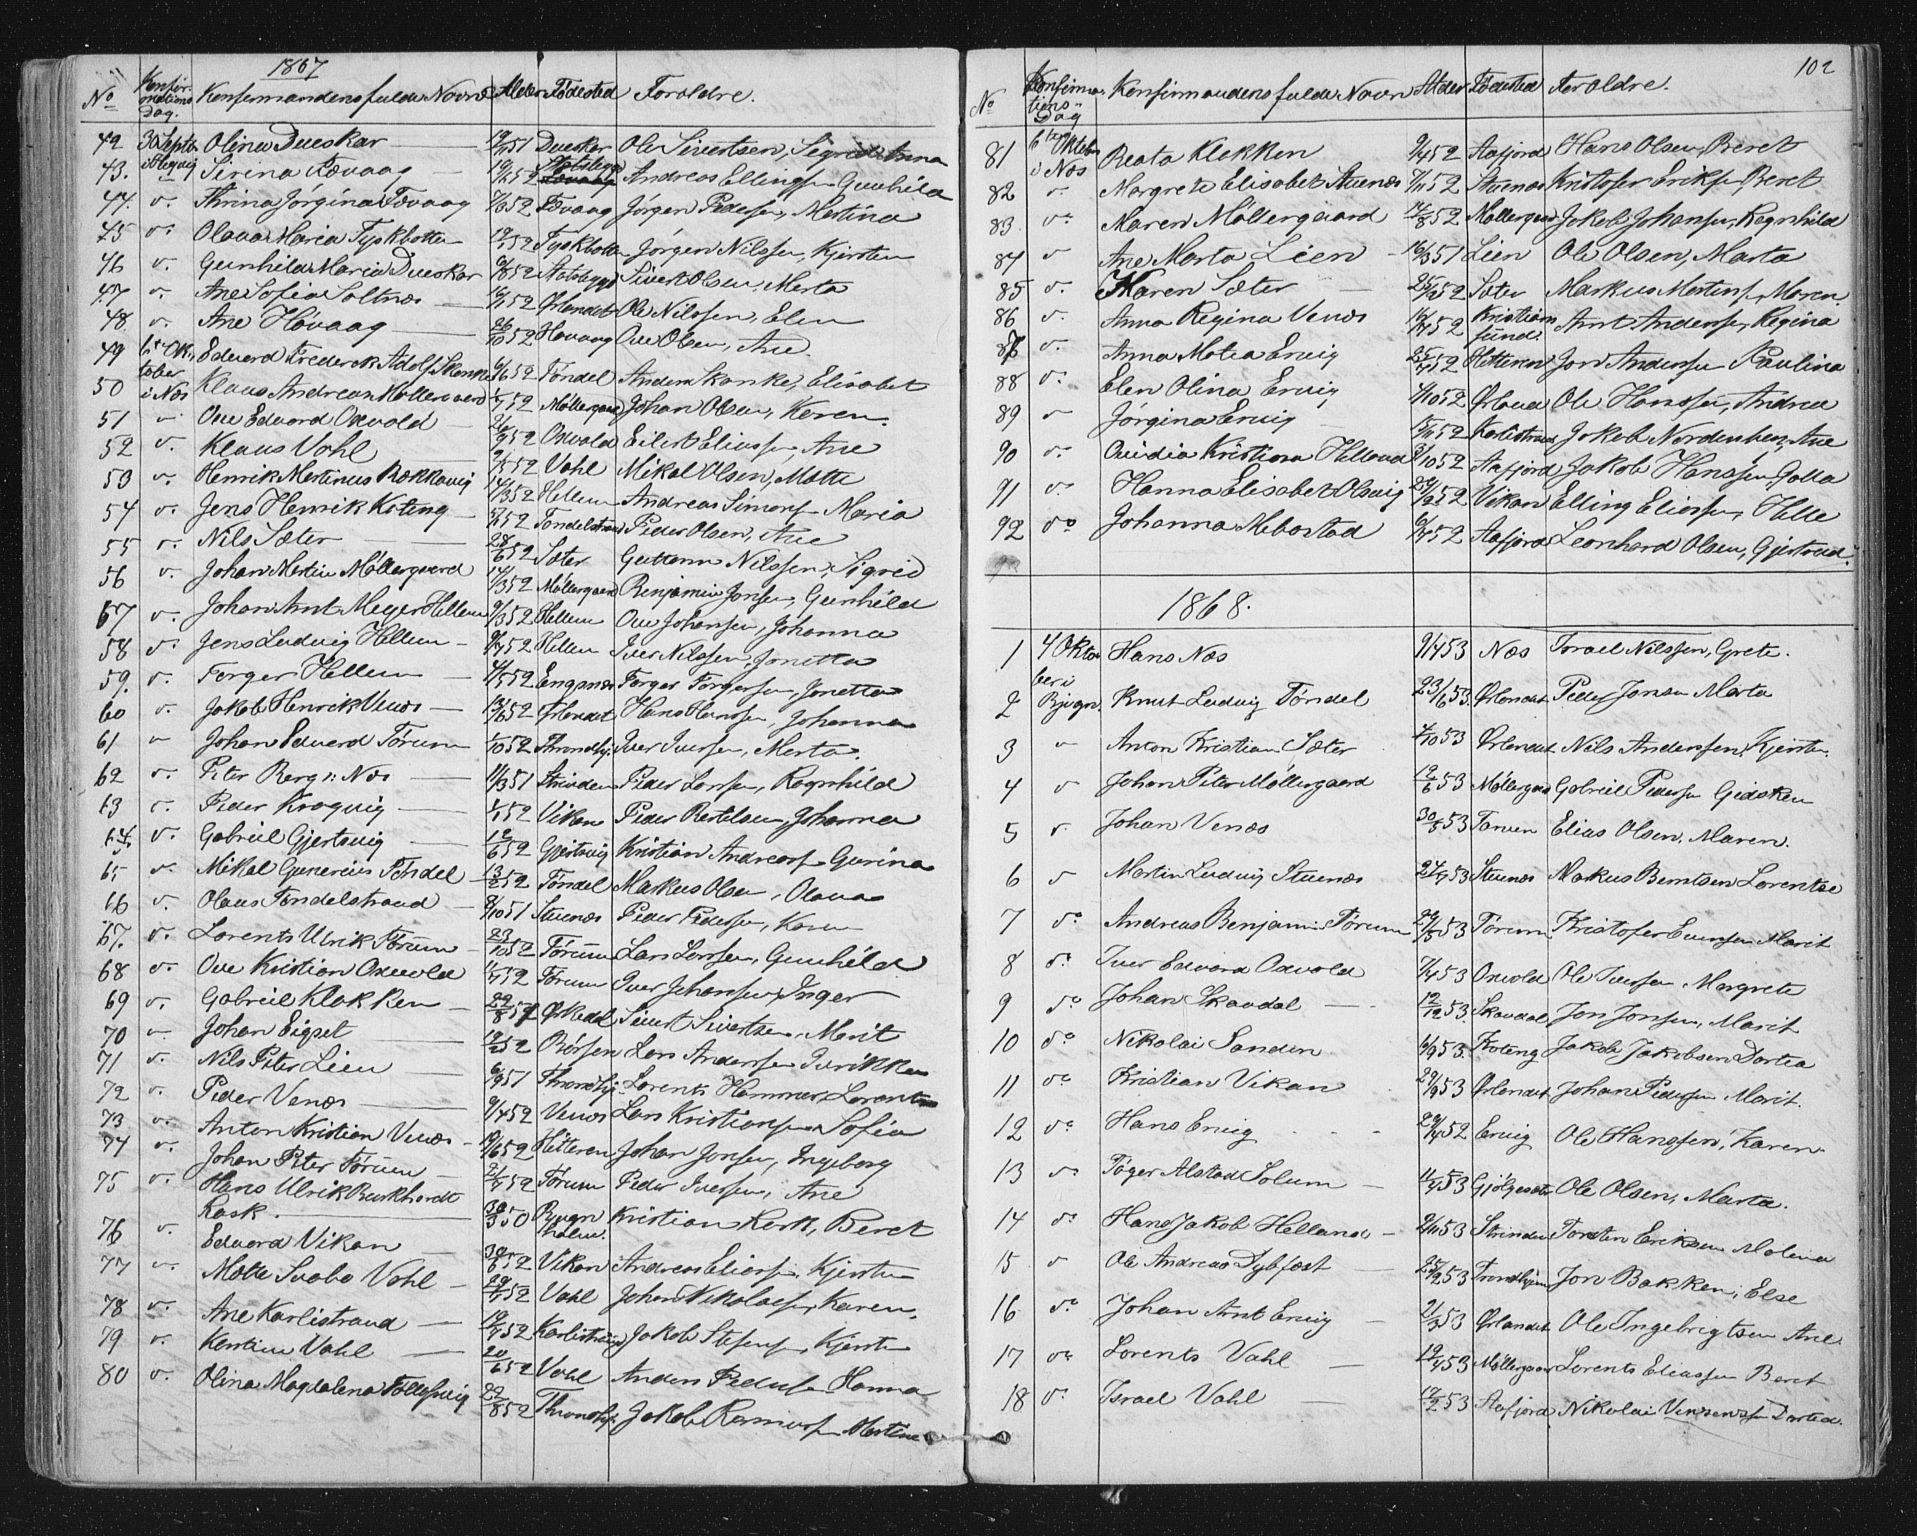 SAT, Ministerialprotokoller, klokkerbøker og fødselsregistre - Sør-Trøndelag, 651/L0647: Klokkerbok nr. 651C01, 1866-1914, s. 102